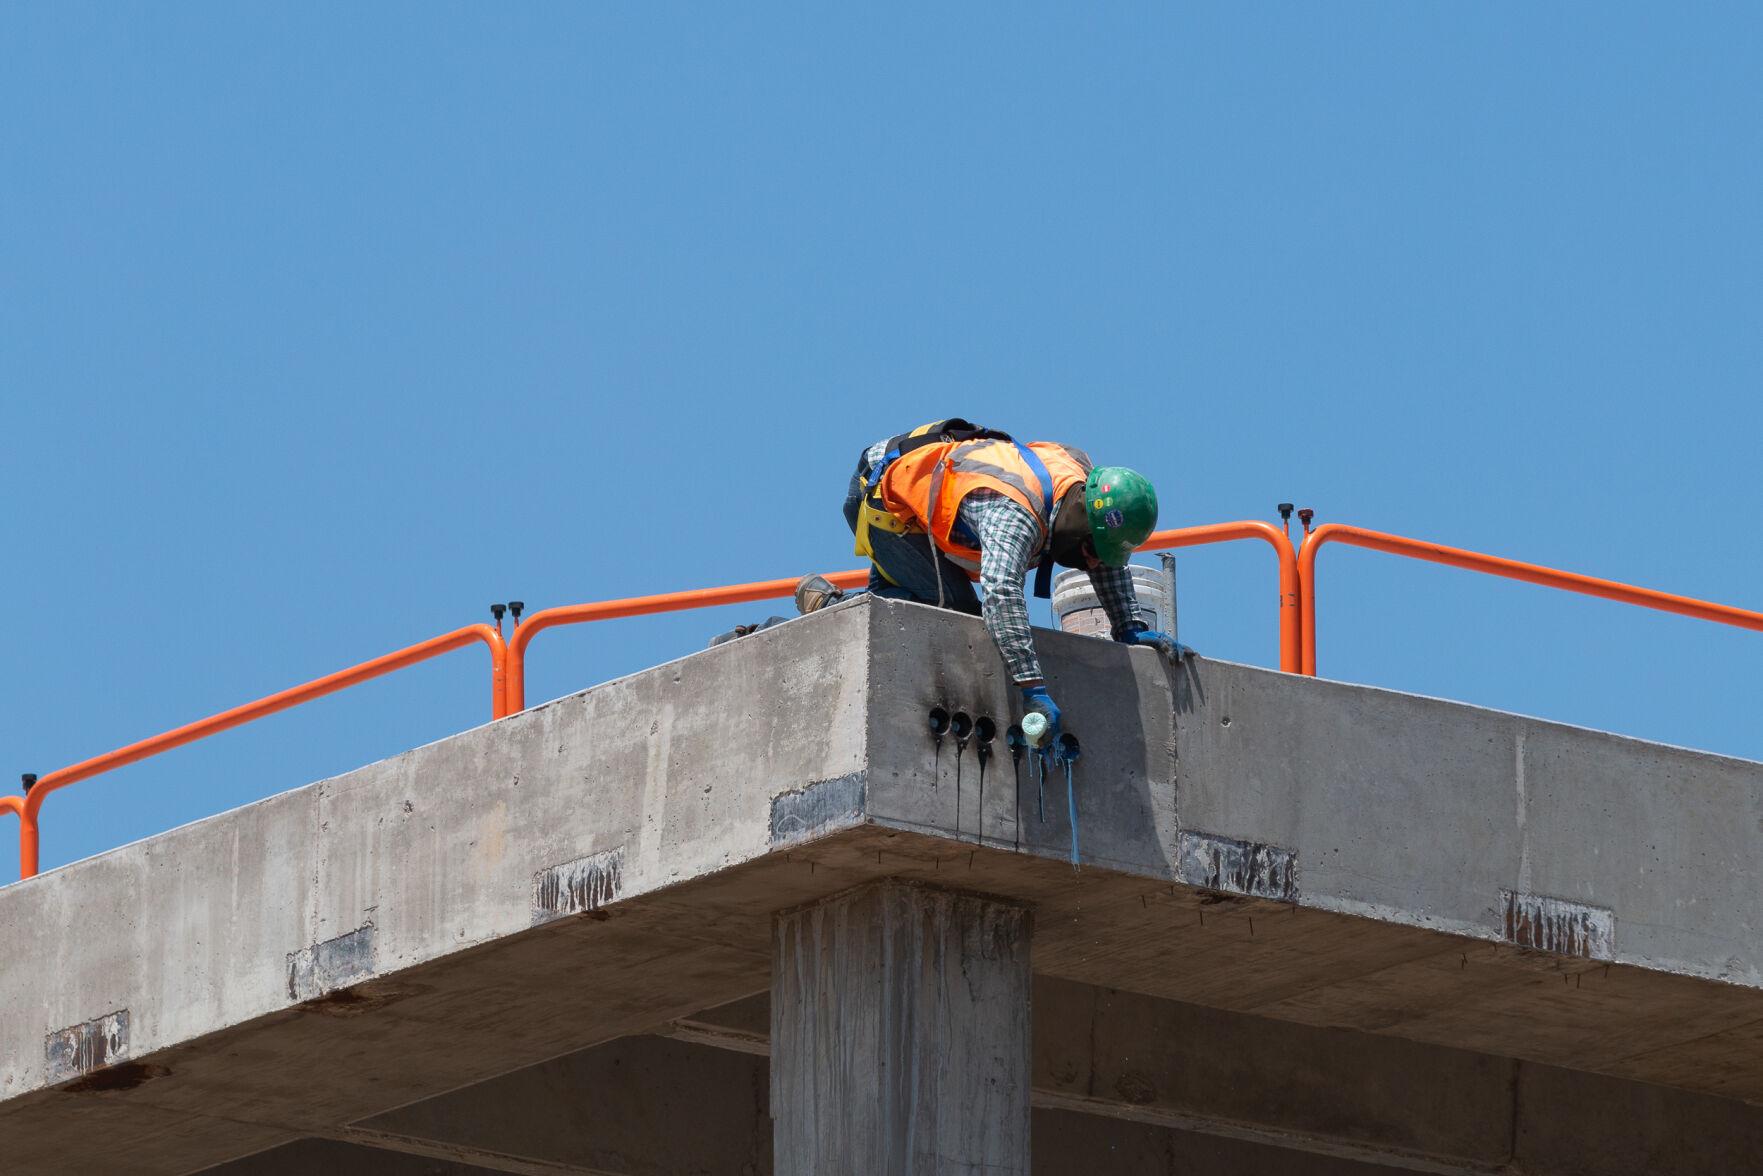 Campus construction update for UTA community